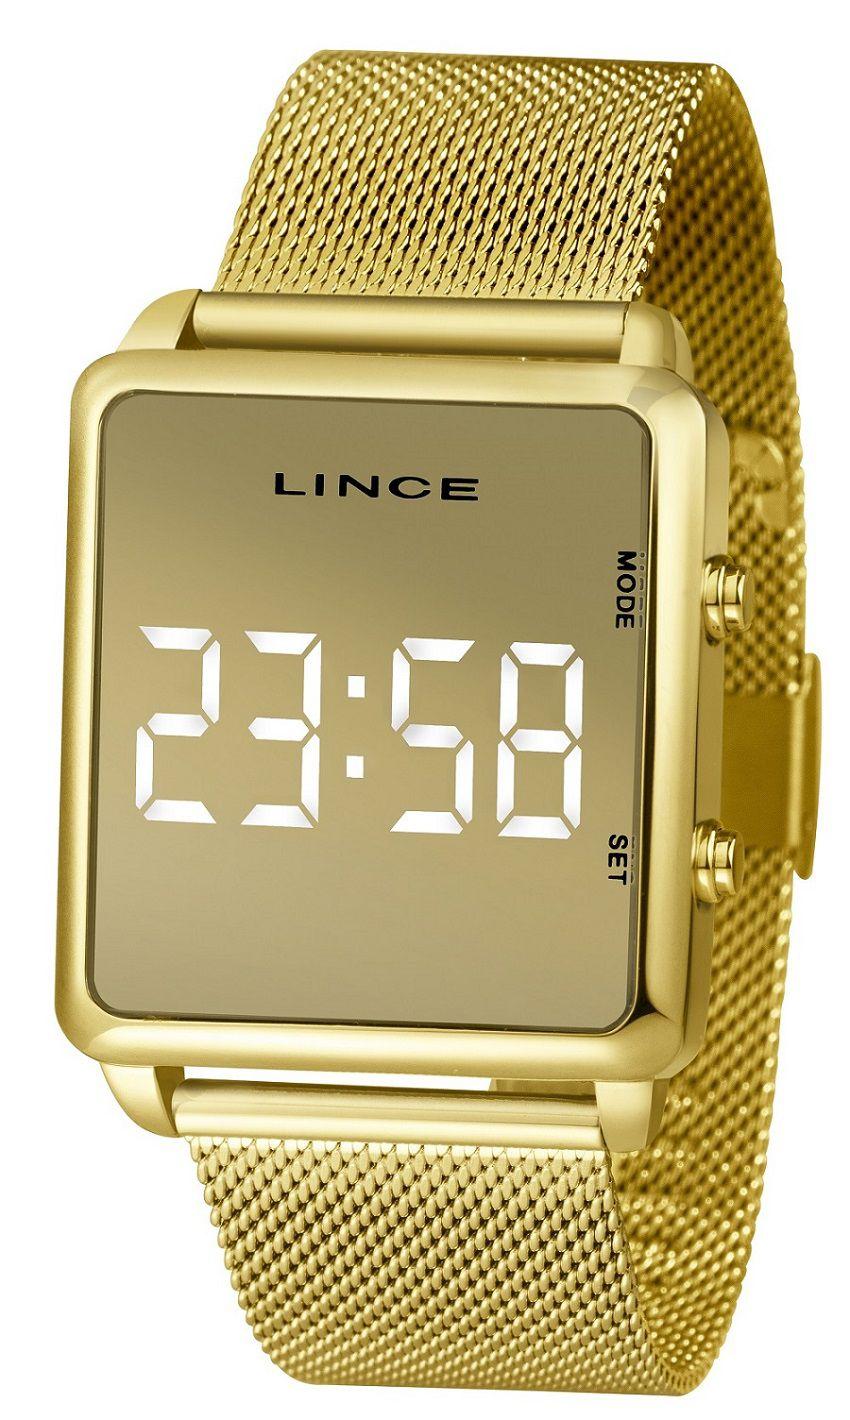 Relógio Lince Dourado MDG4619LBXKX